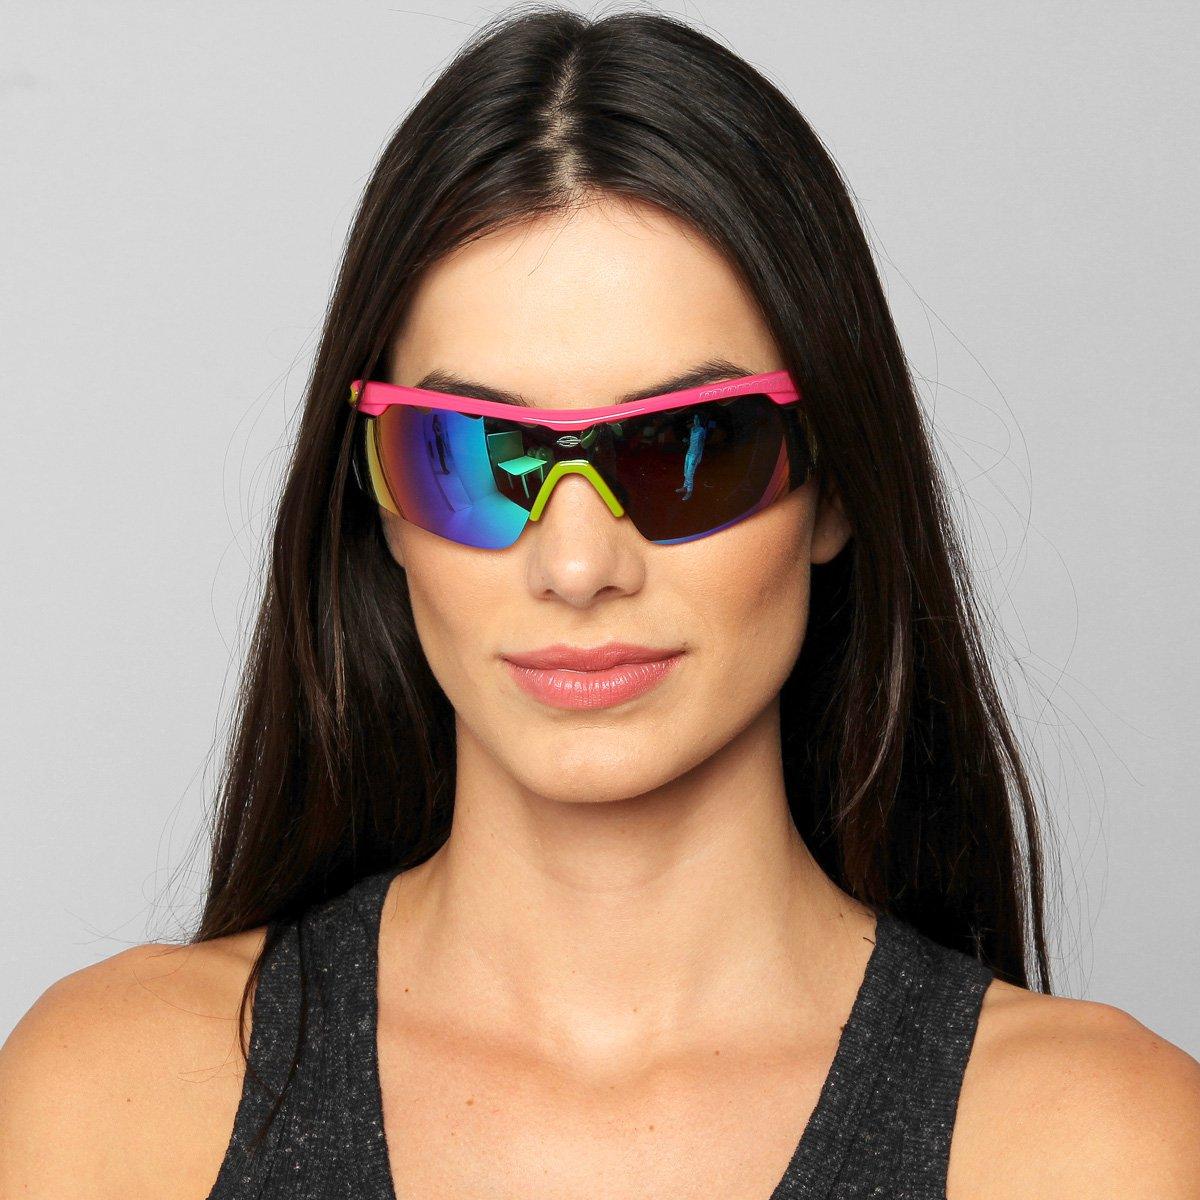 Óculos Mormaii Athlon 2 - Rosa e Verde - Compre Agora   Netshoes 7d19234163